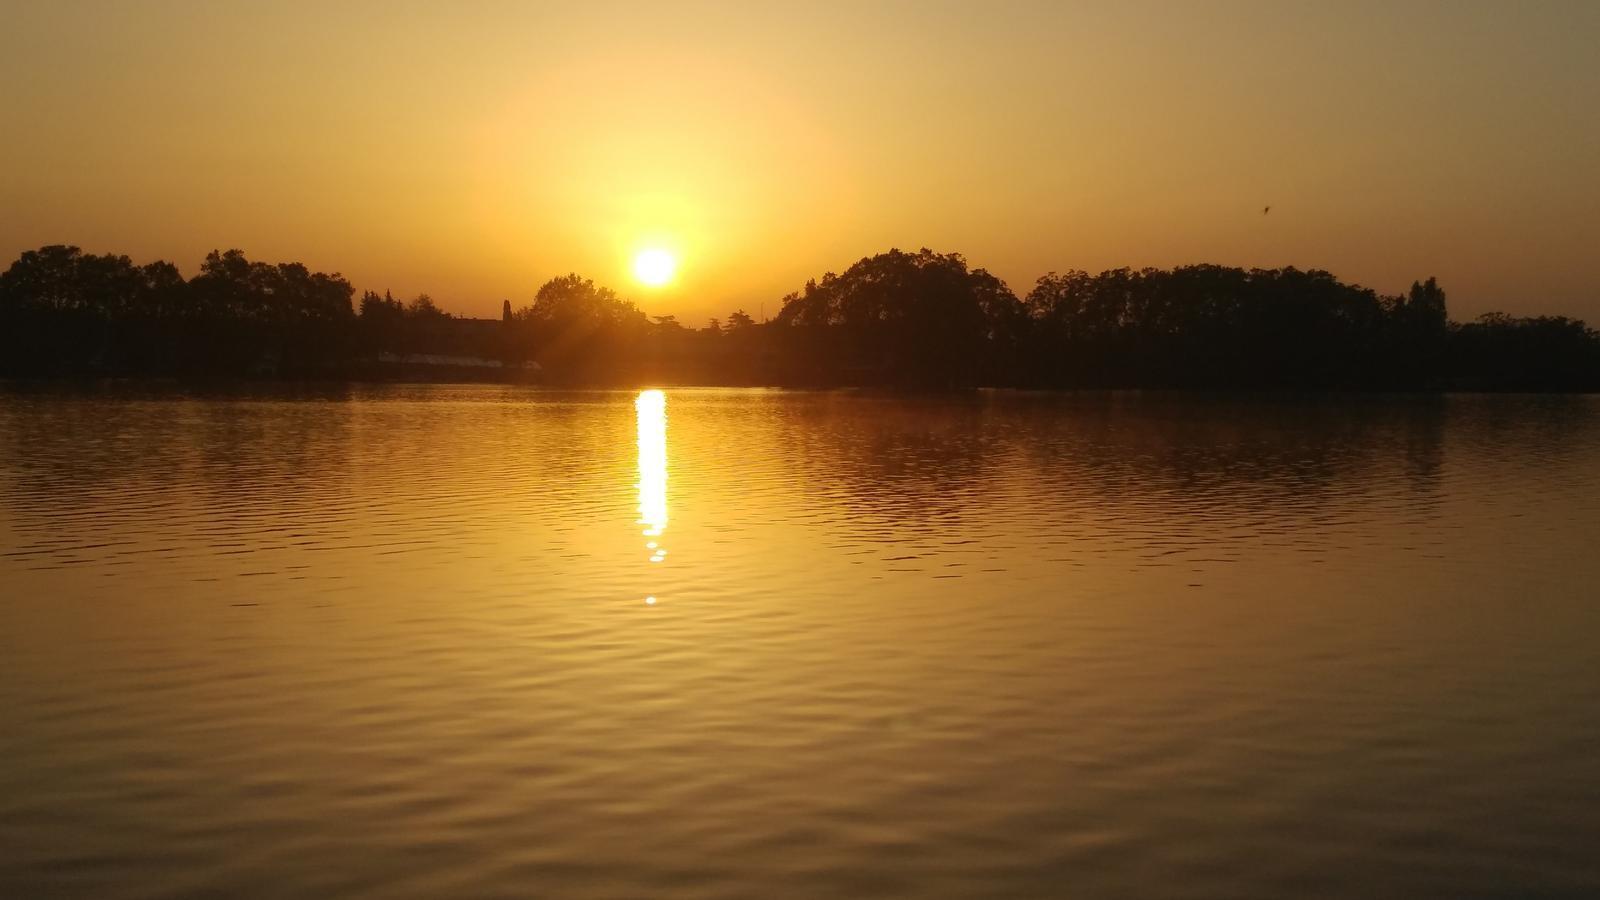 Jornada de sol per anunciar l'arribada de l'anticicló